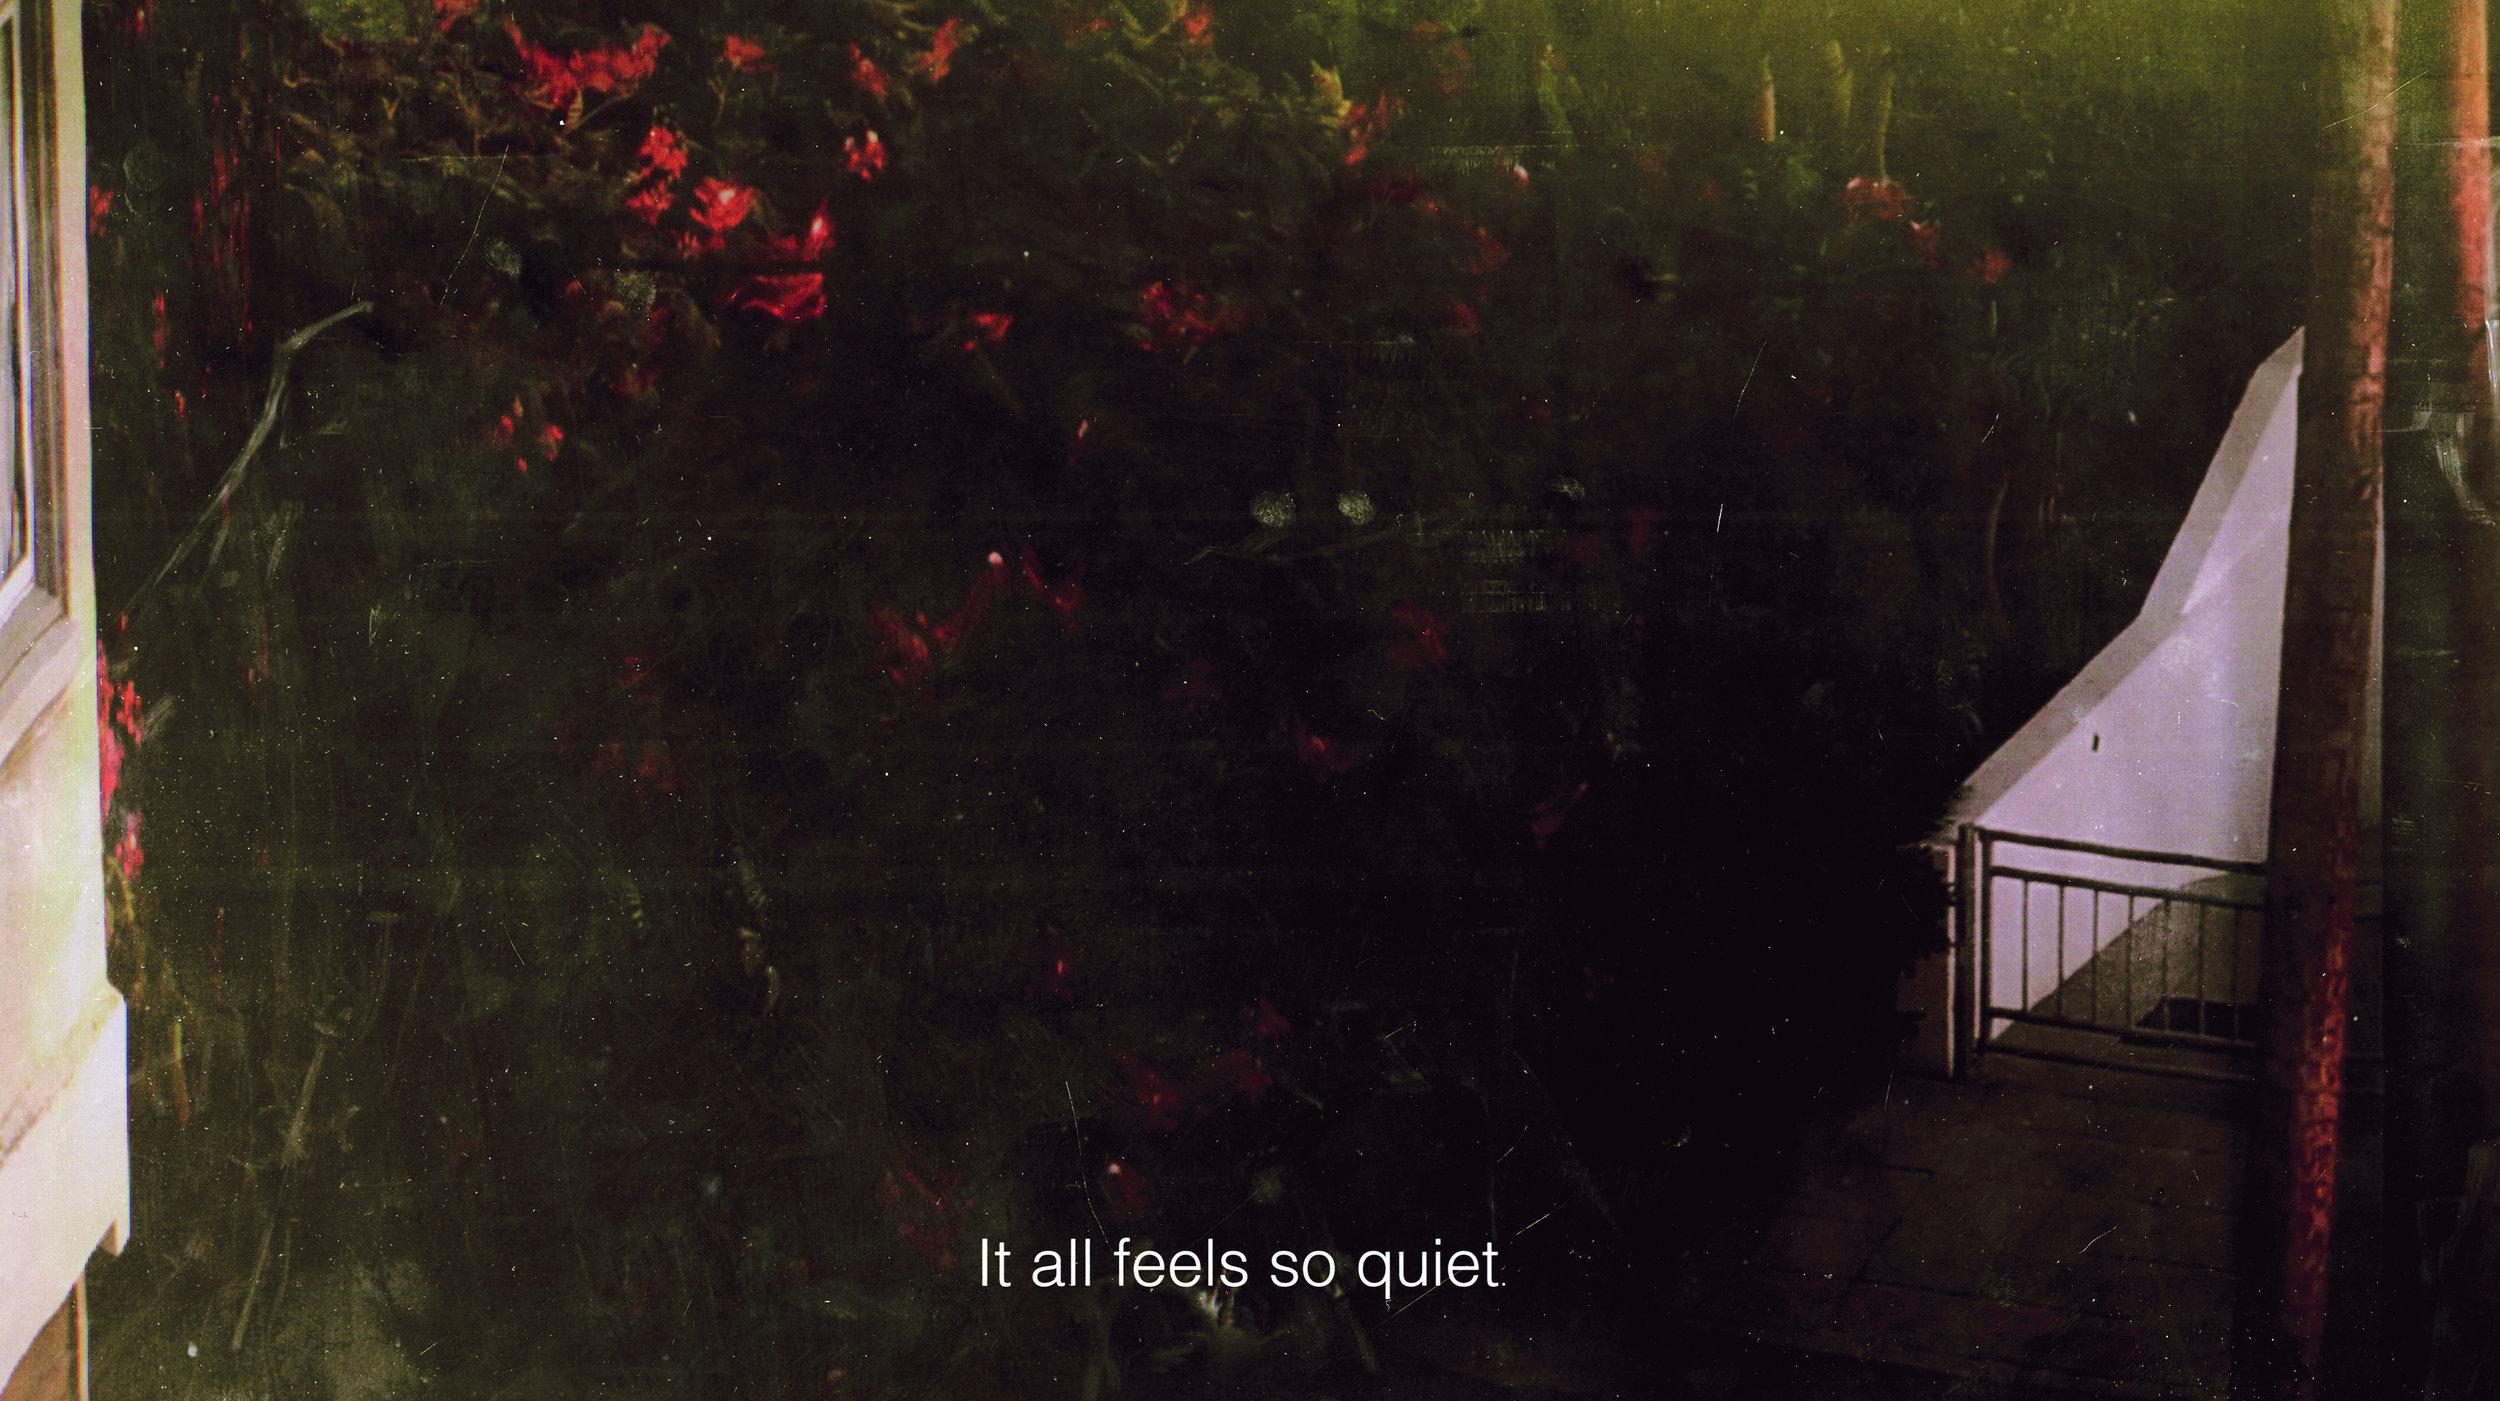 03_It all feel so quiet.jpg